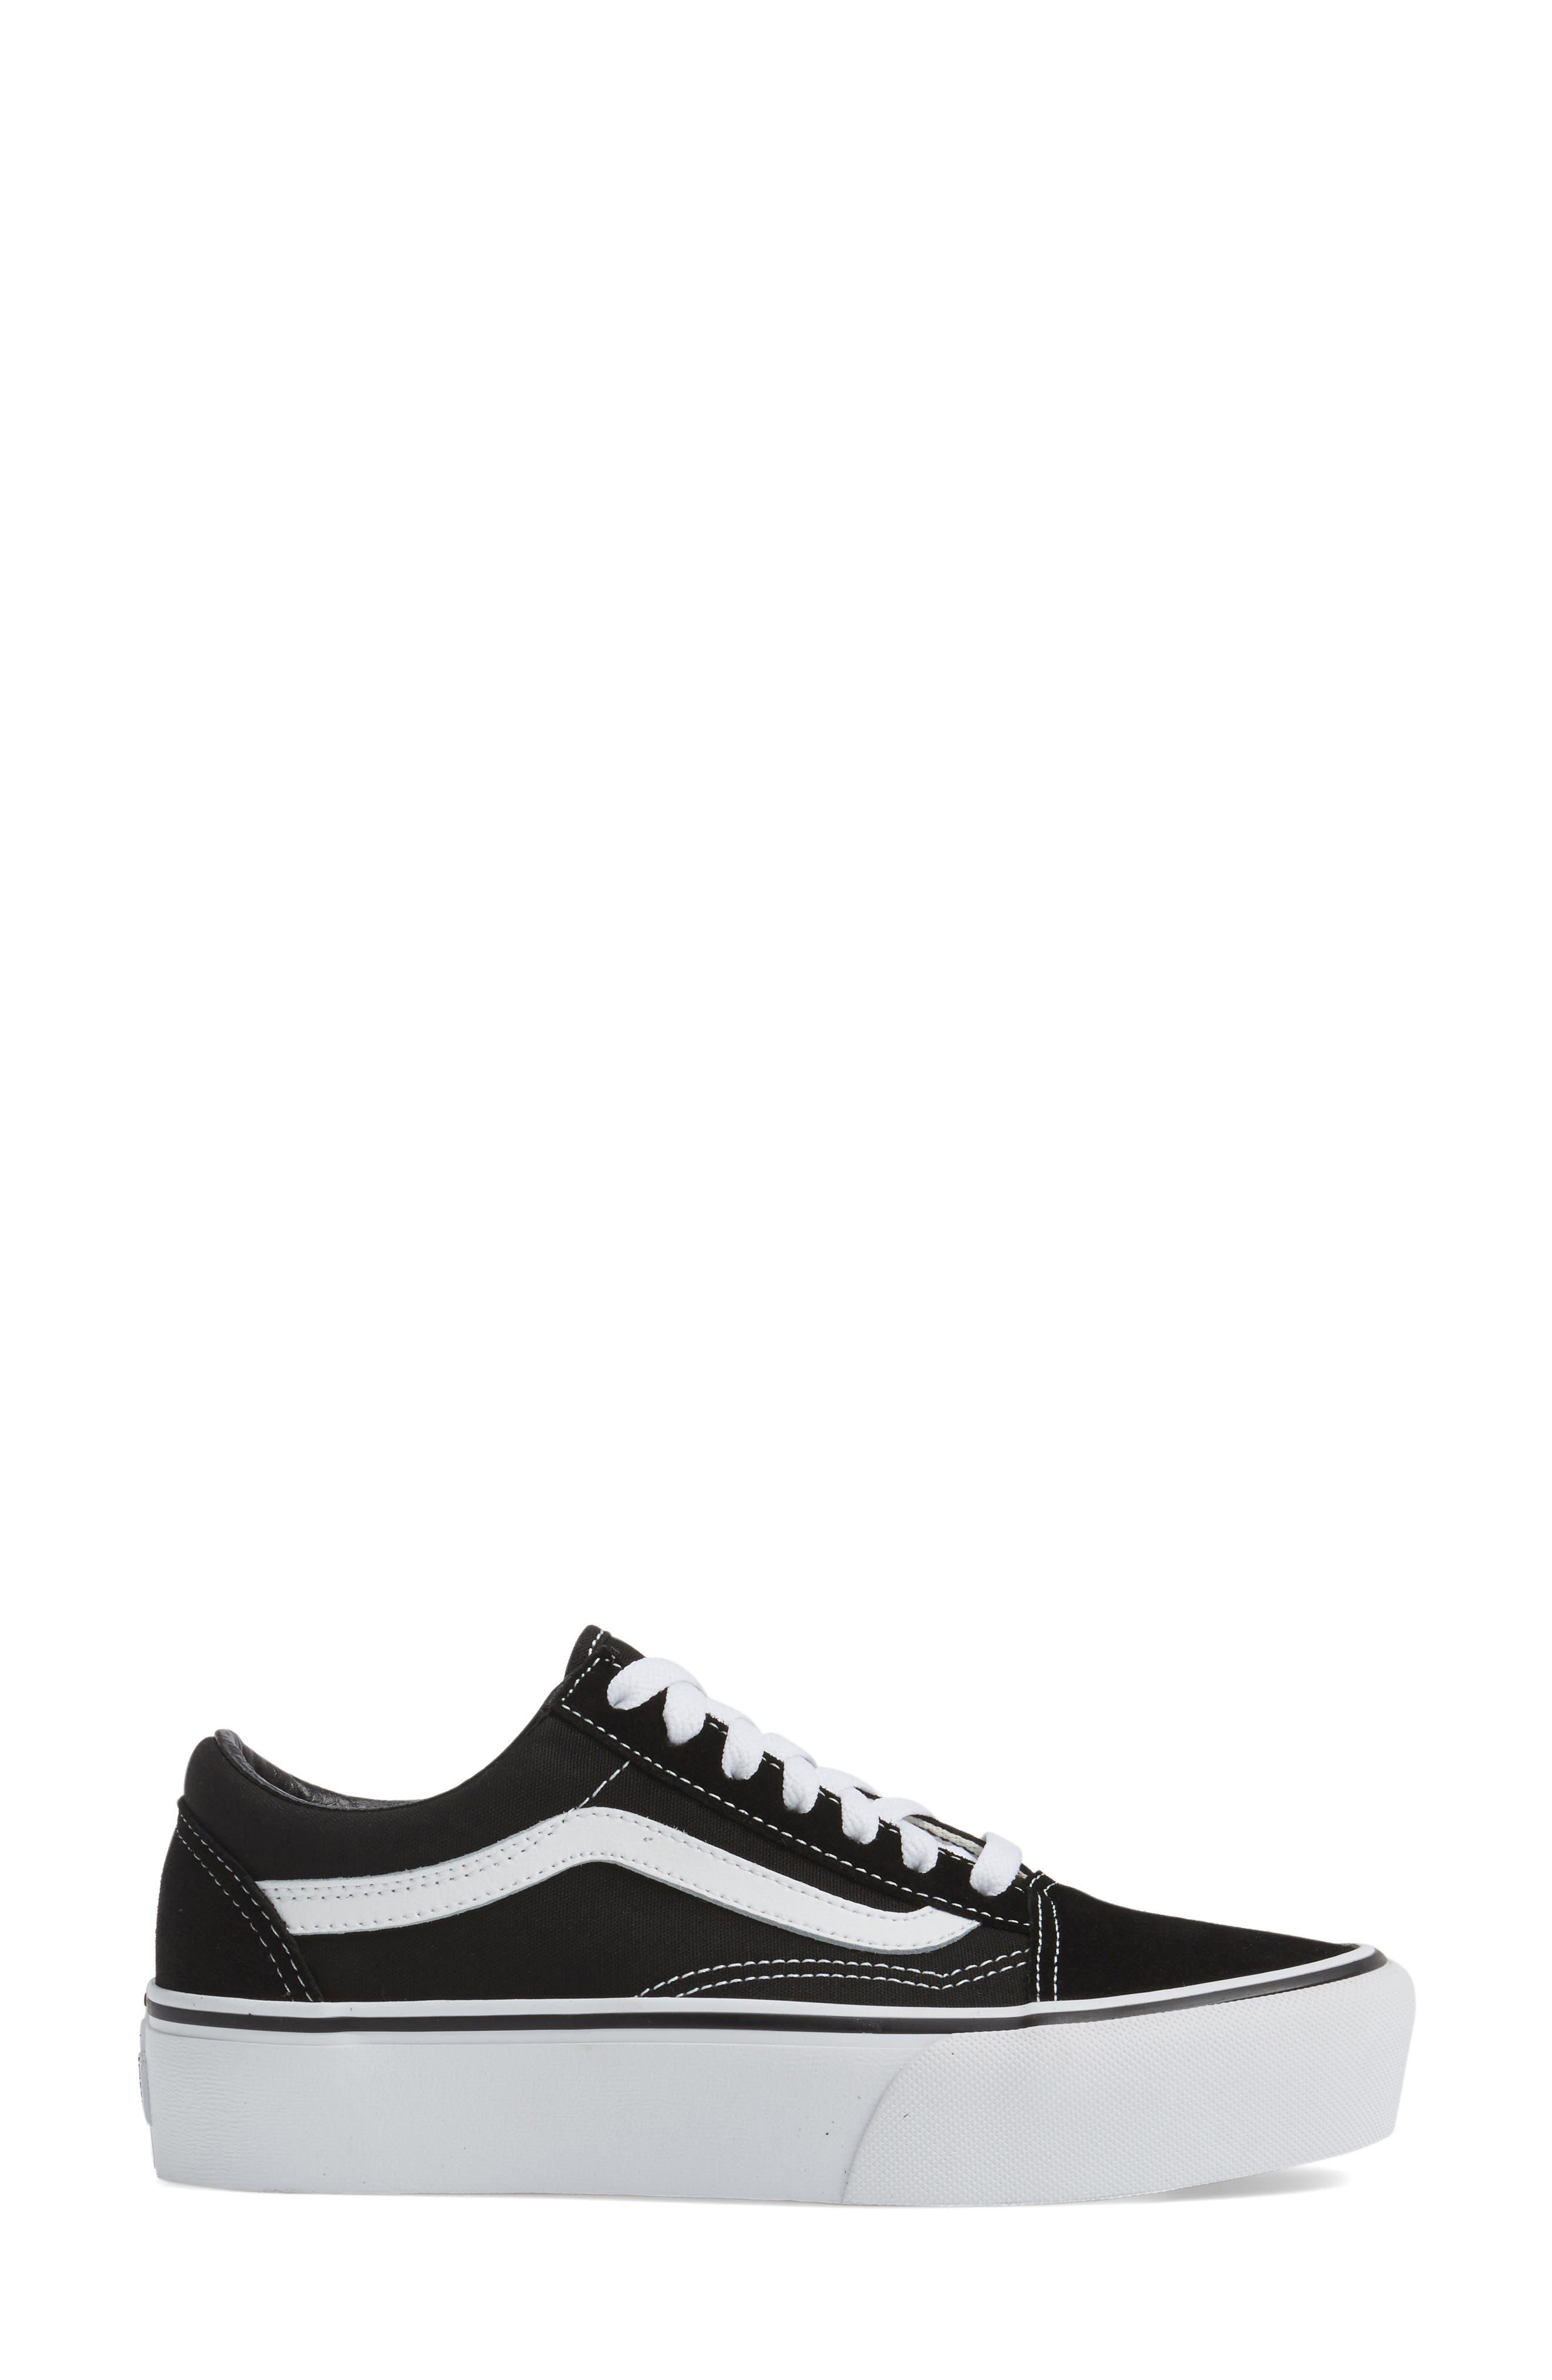 VANS, Old Skool Platform Sneaker, Alternate thumbnail 3, color, BLACK/ WHITE